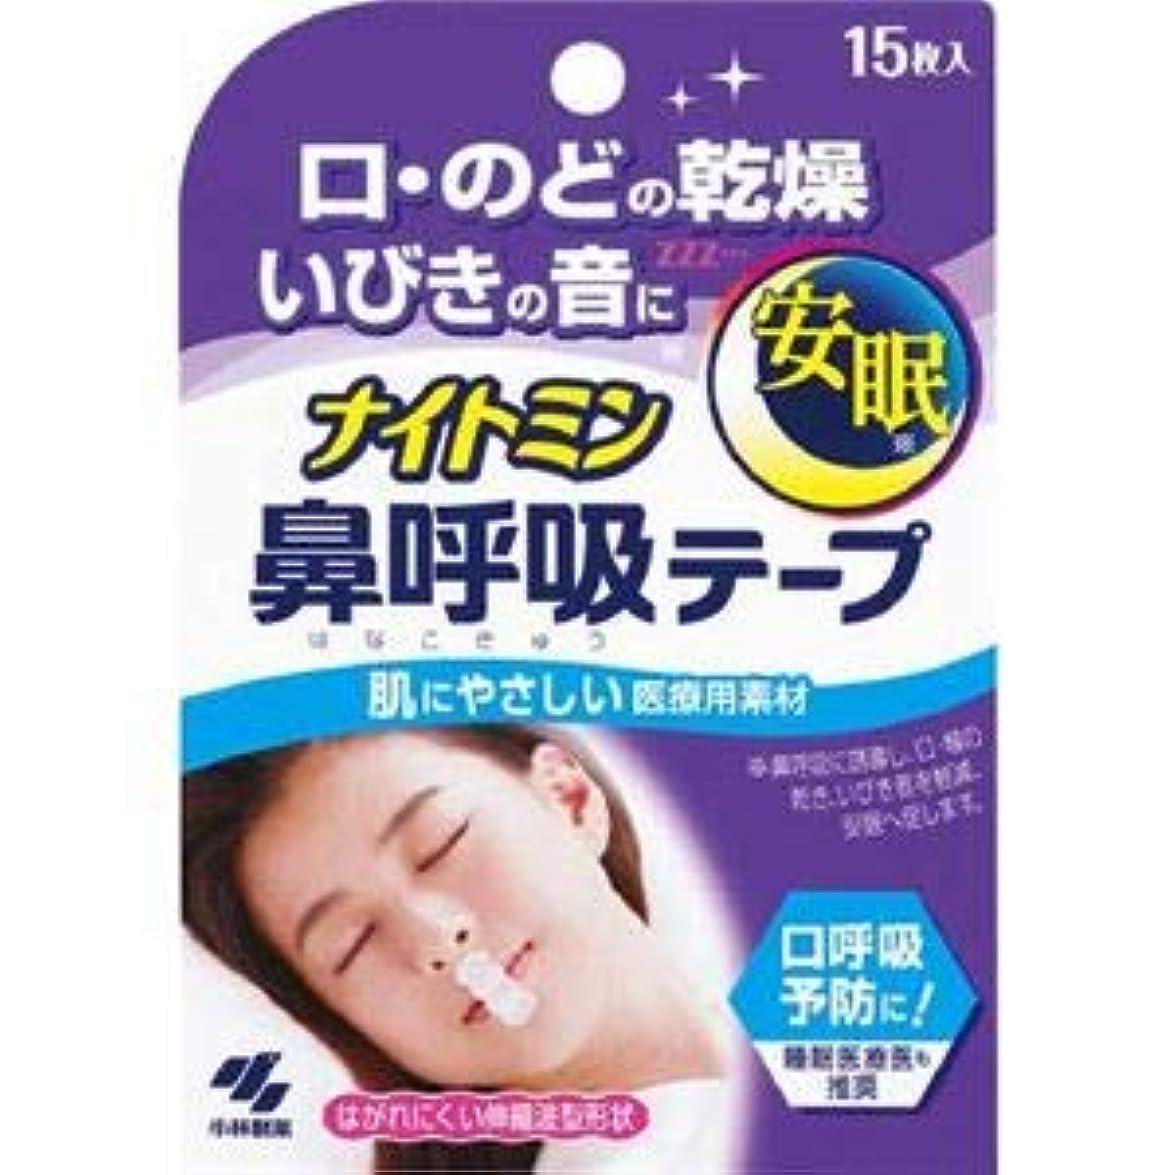 義務づけるマット口径(まとめ)小林製薬 ナイトミン 鼻呼吸テープ 【×3点セット】